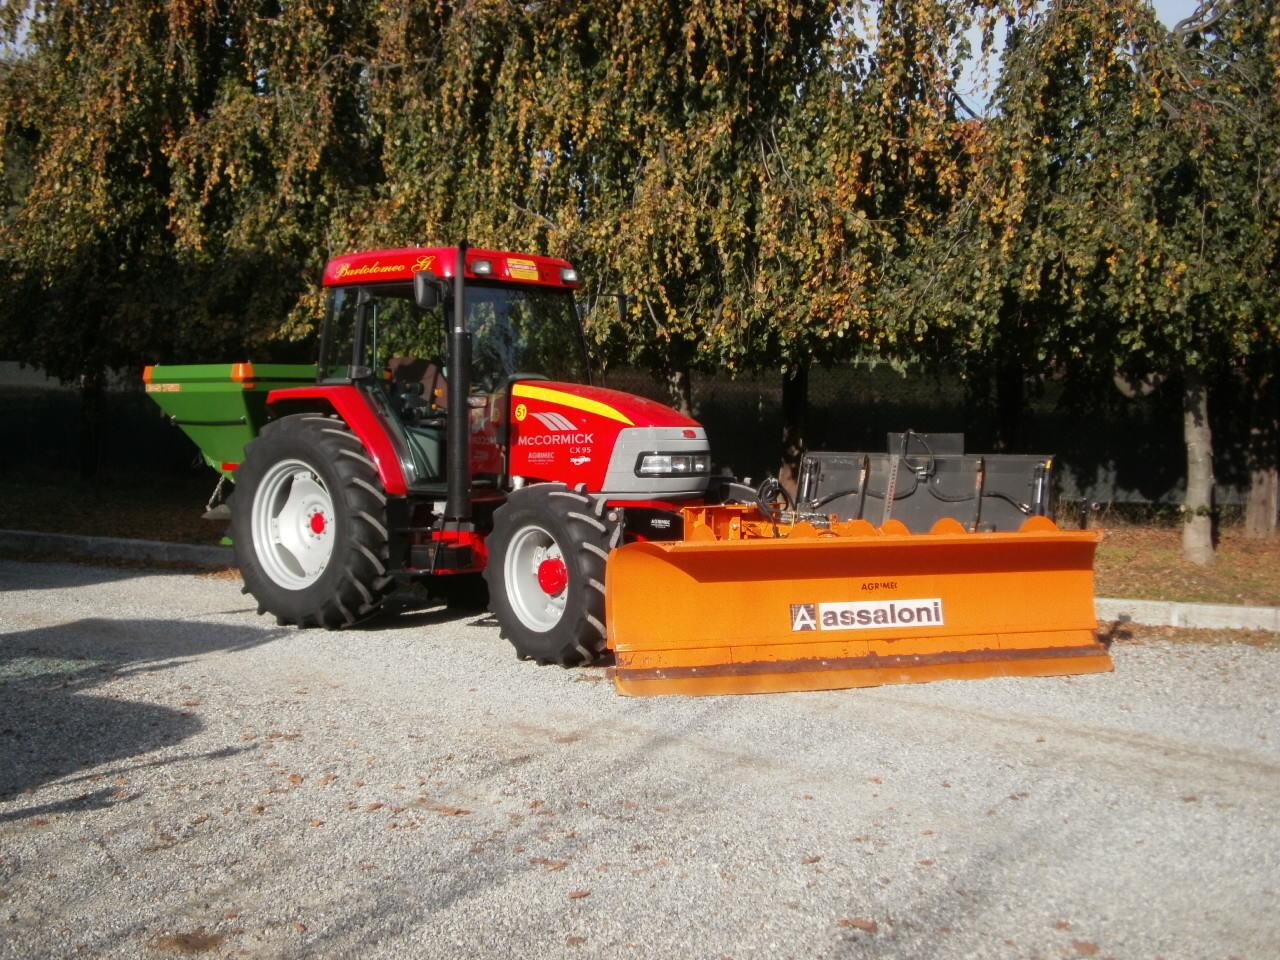 Usato mondino trattori for Attrezzi agricoli usati piemonte